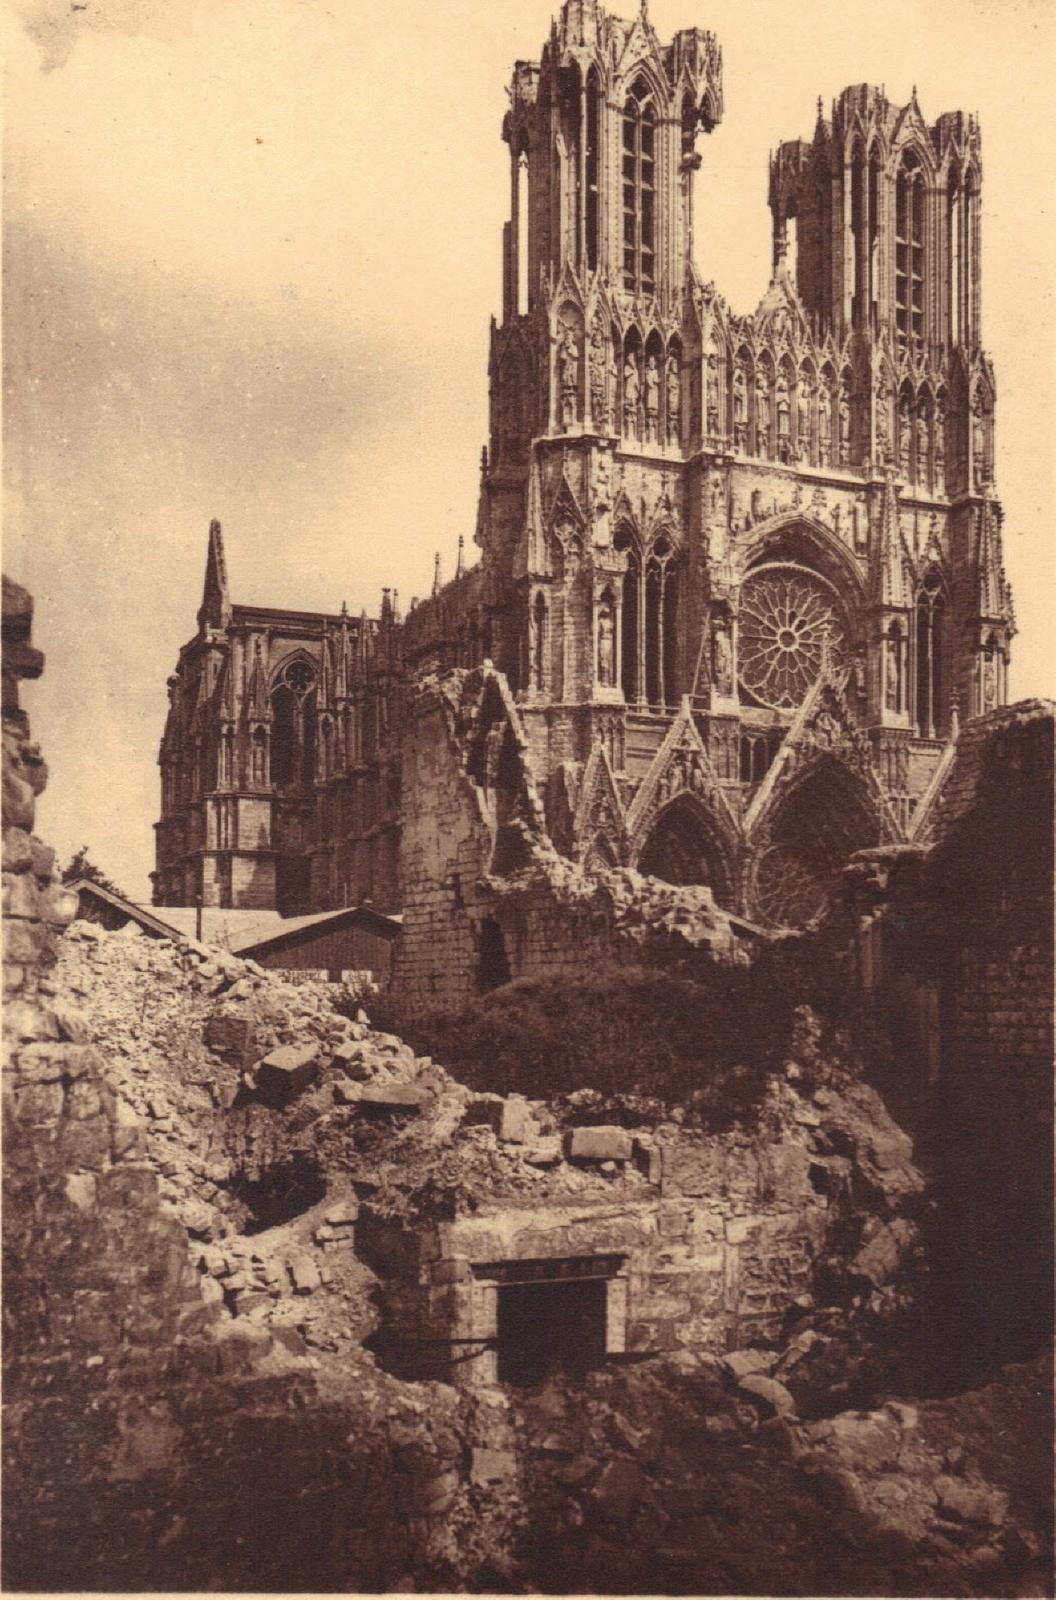 Visite à la cathédrale de Reims - Anna de Noailles Large